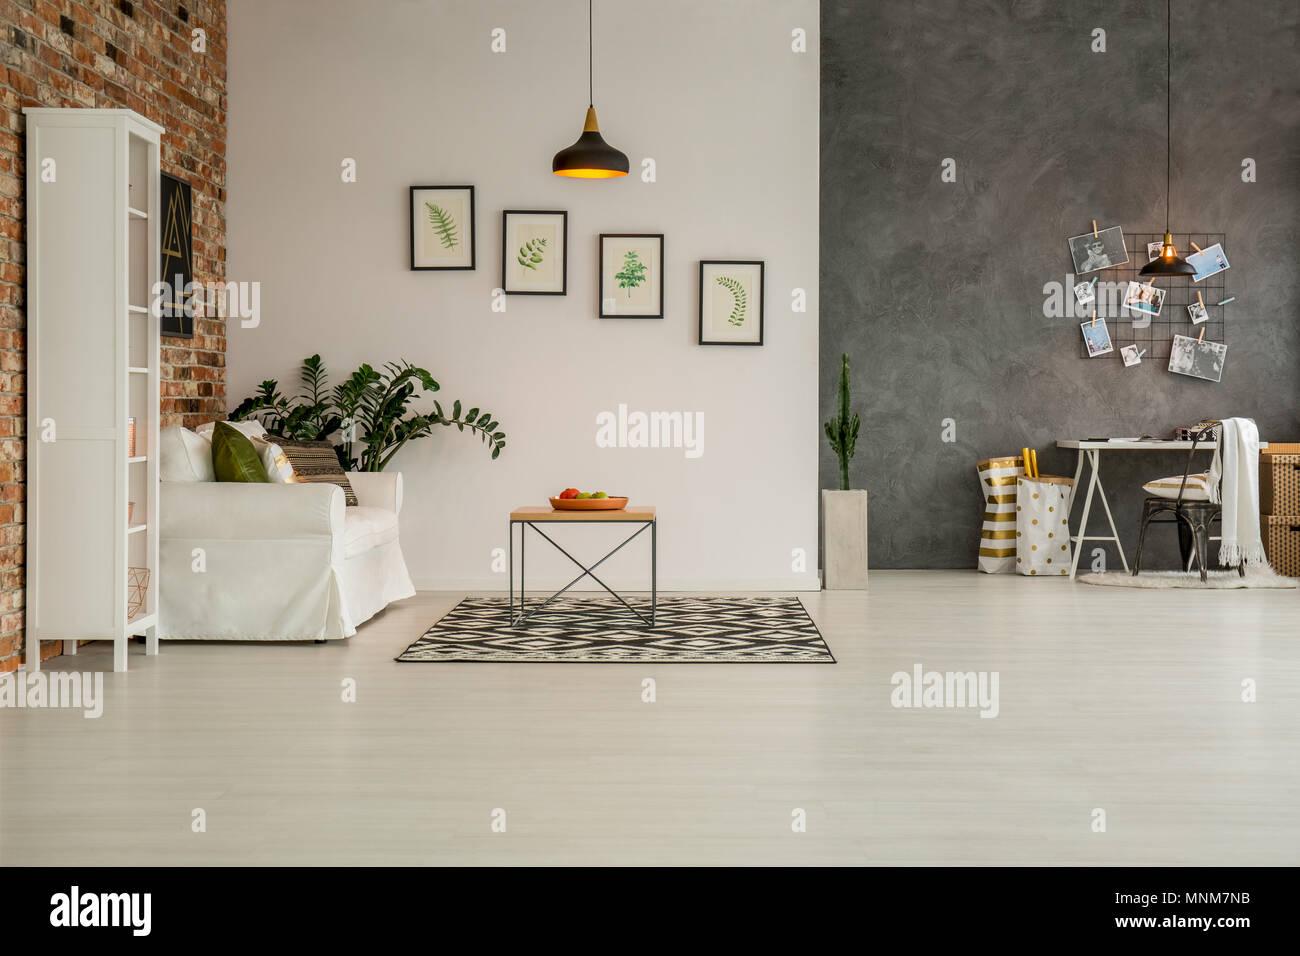 Appartement moderne avec salle de séjour ouverte à home office Photo Stock